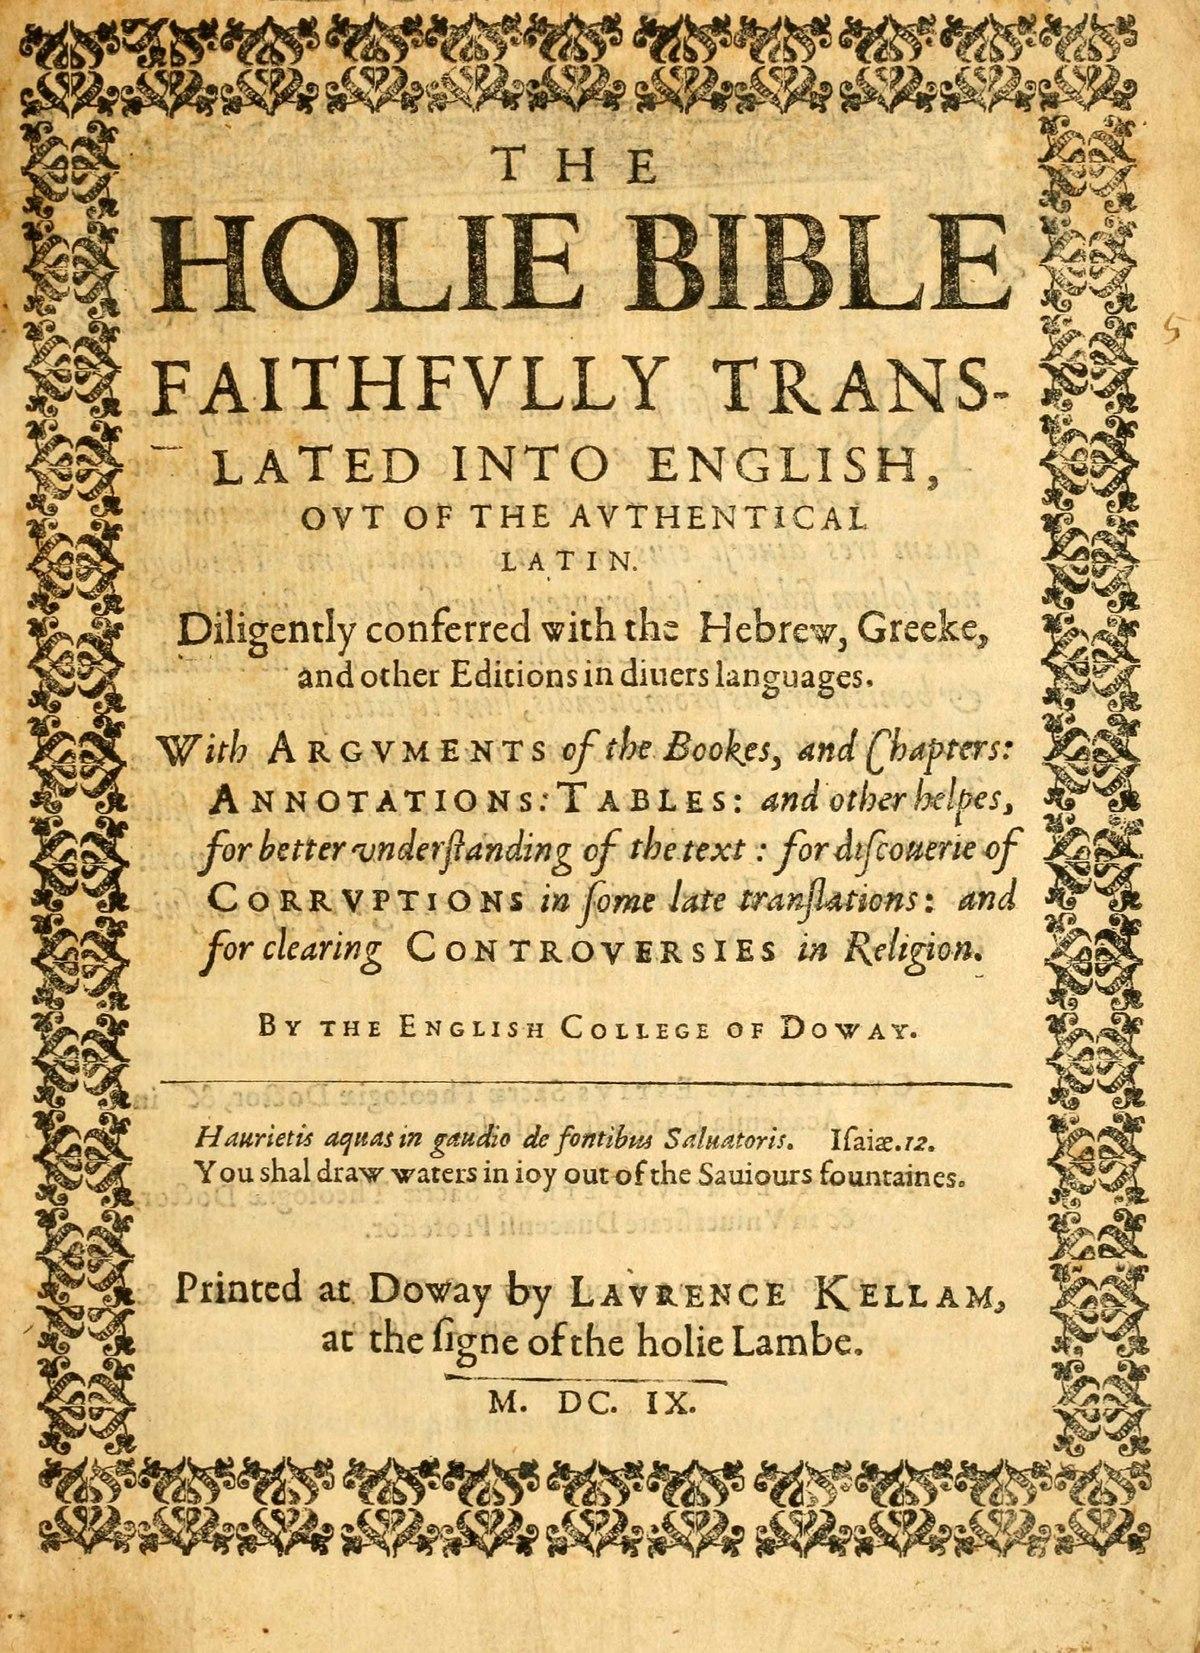 Douay Rheims Bible